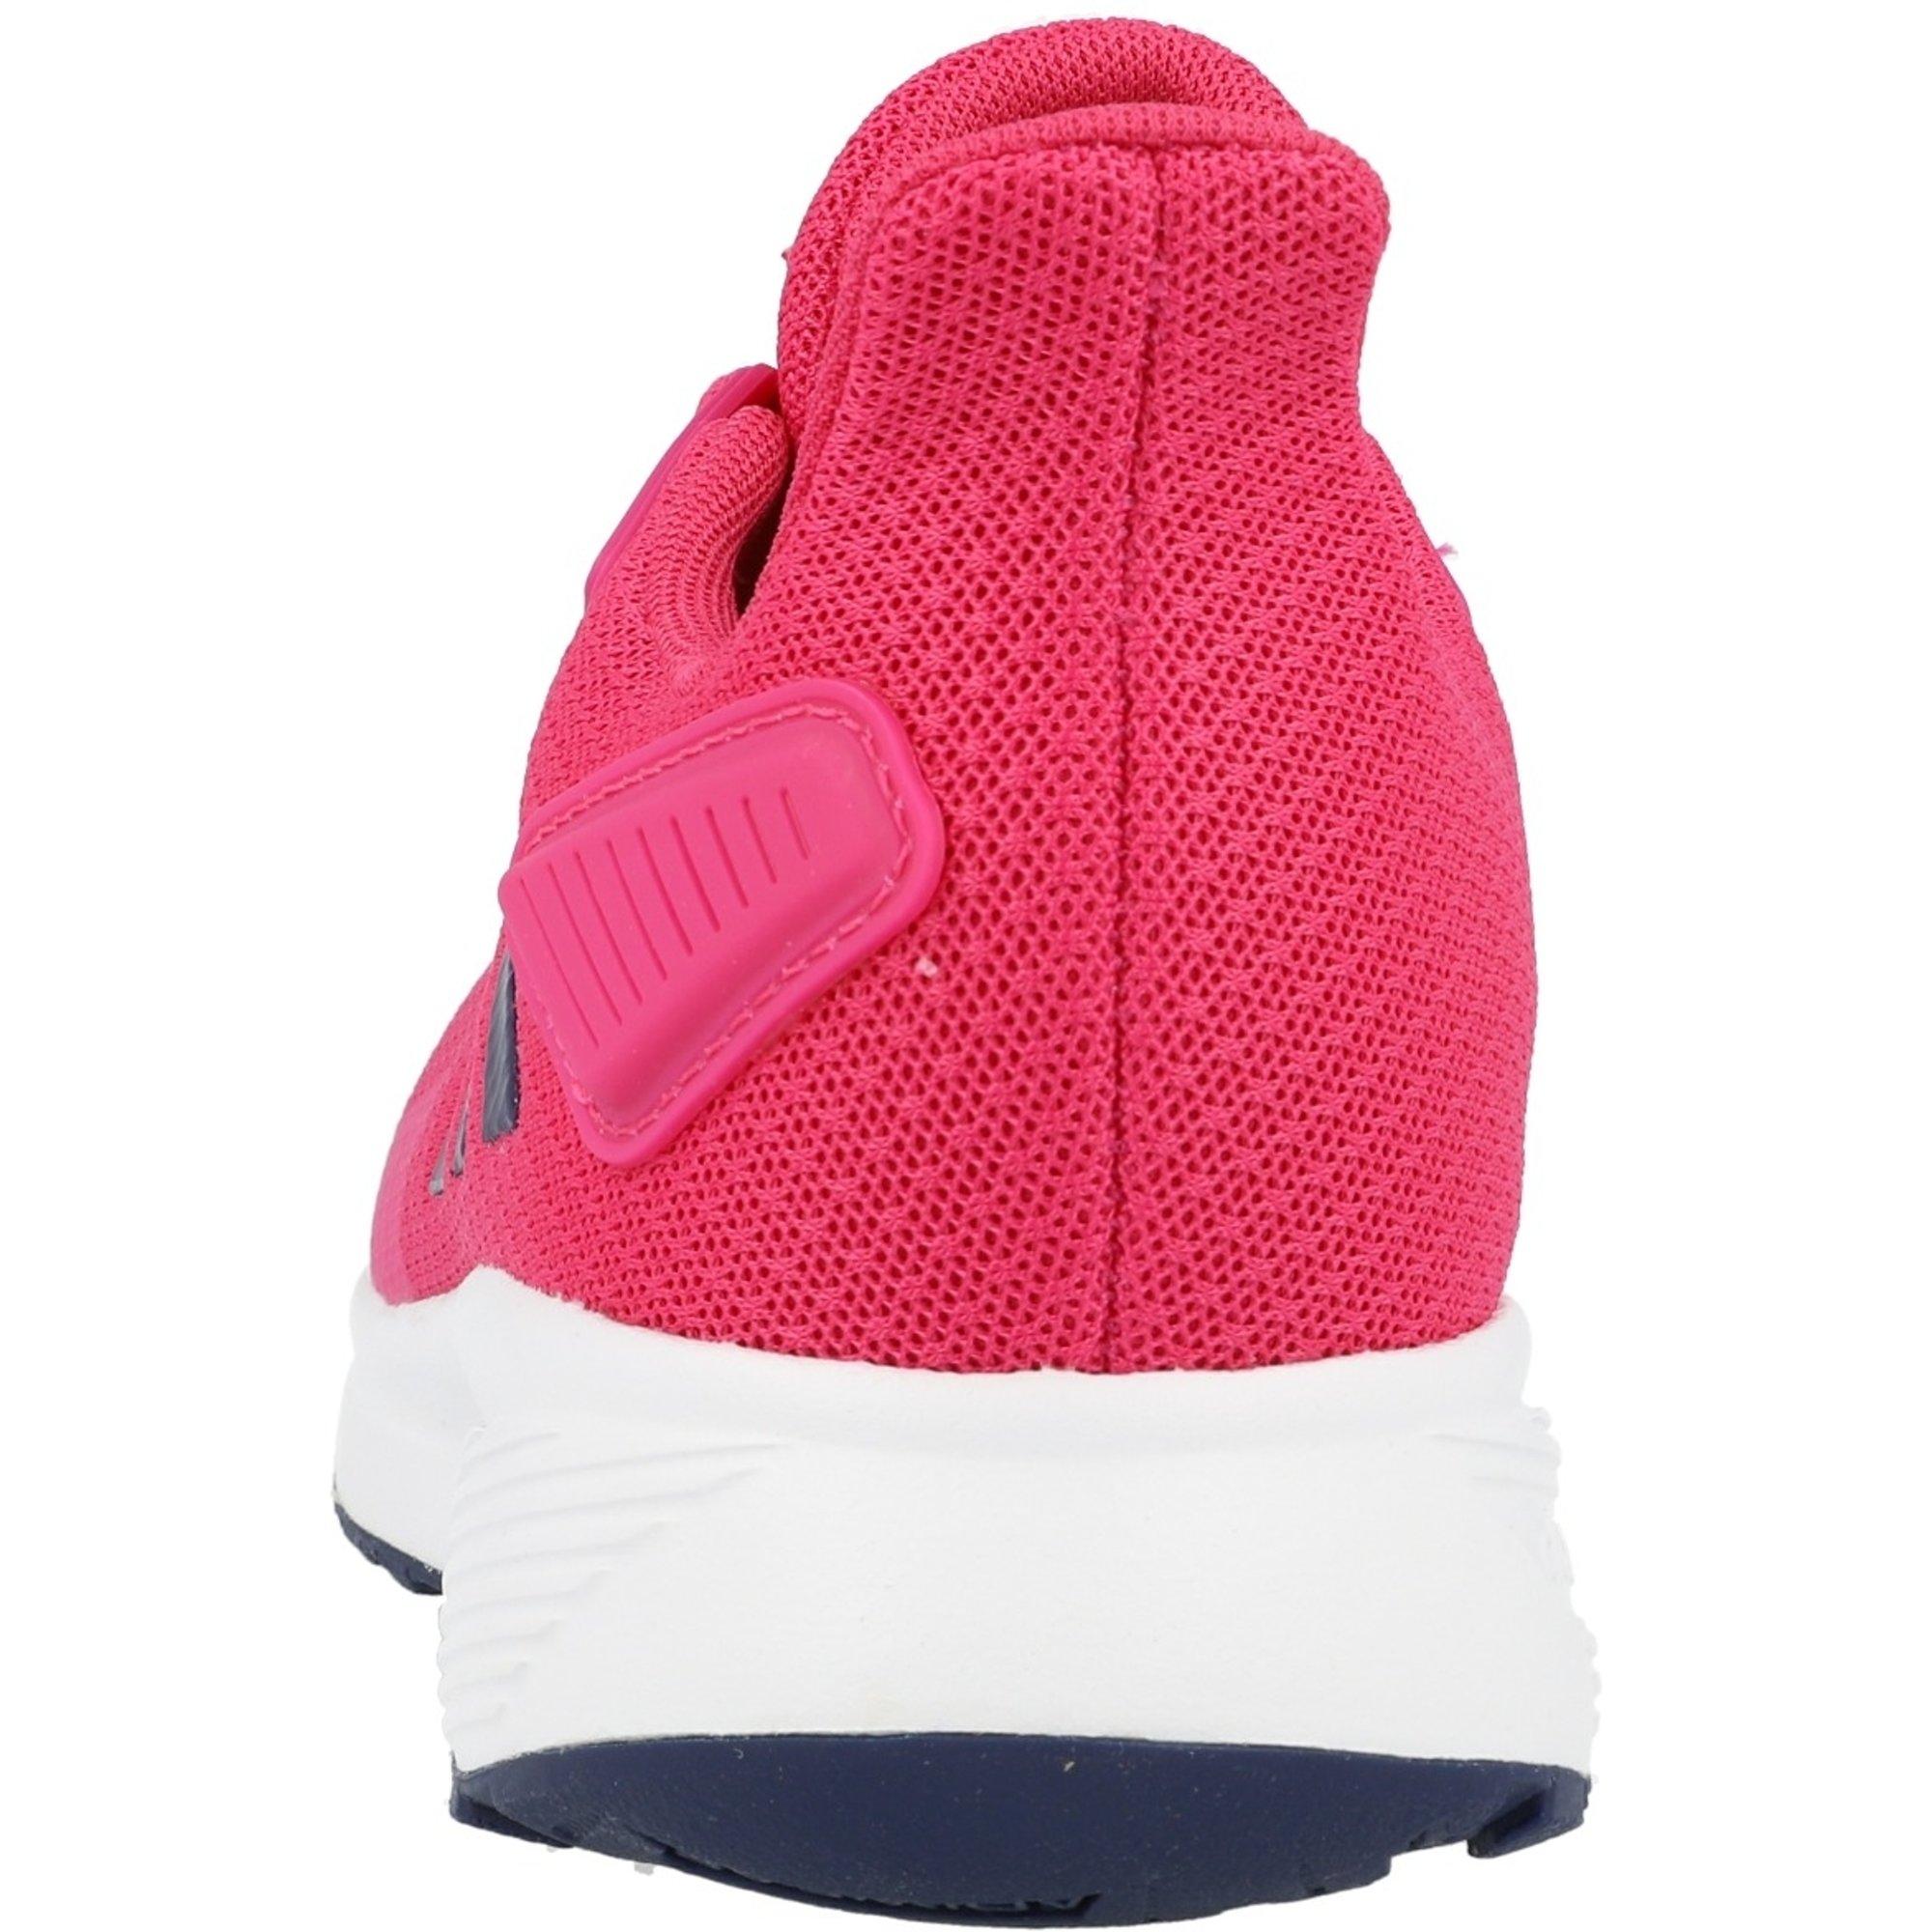 Adidas Duramo 9 W desde 35,00 € | Compara precios en idealo